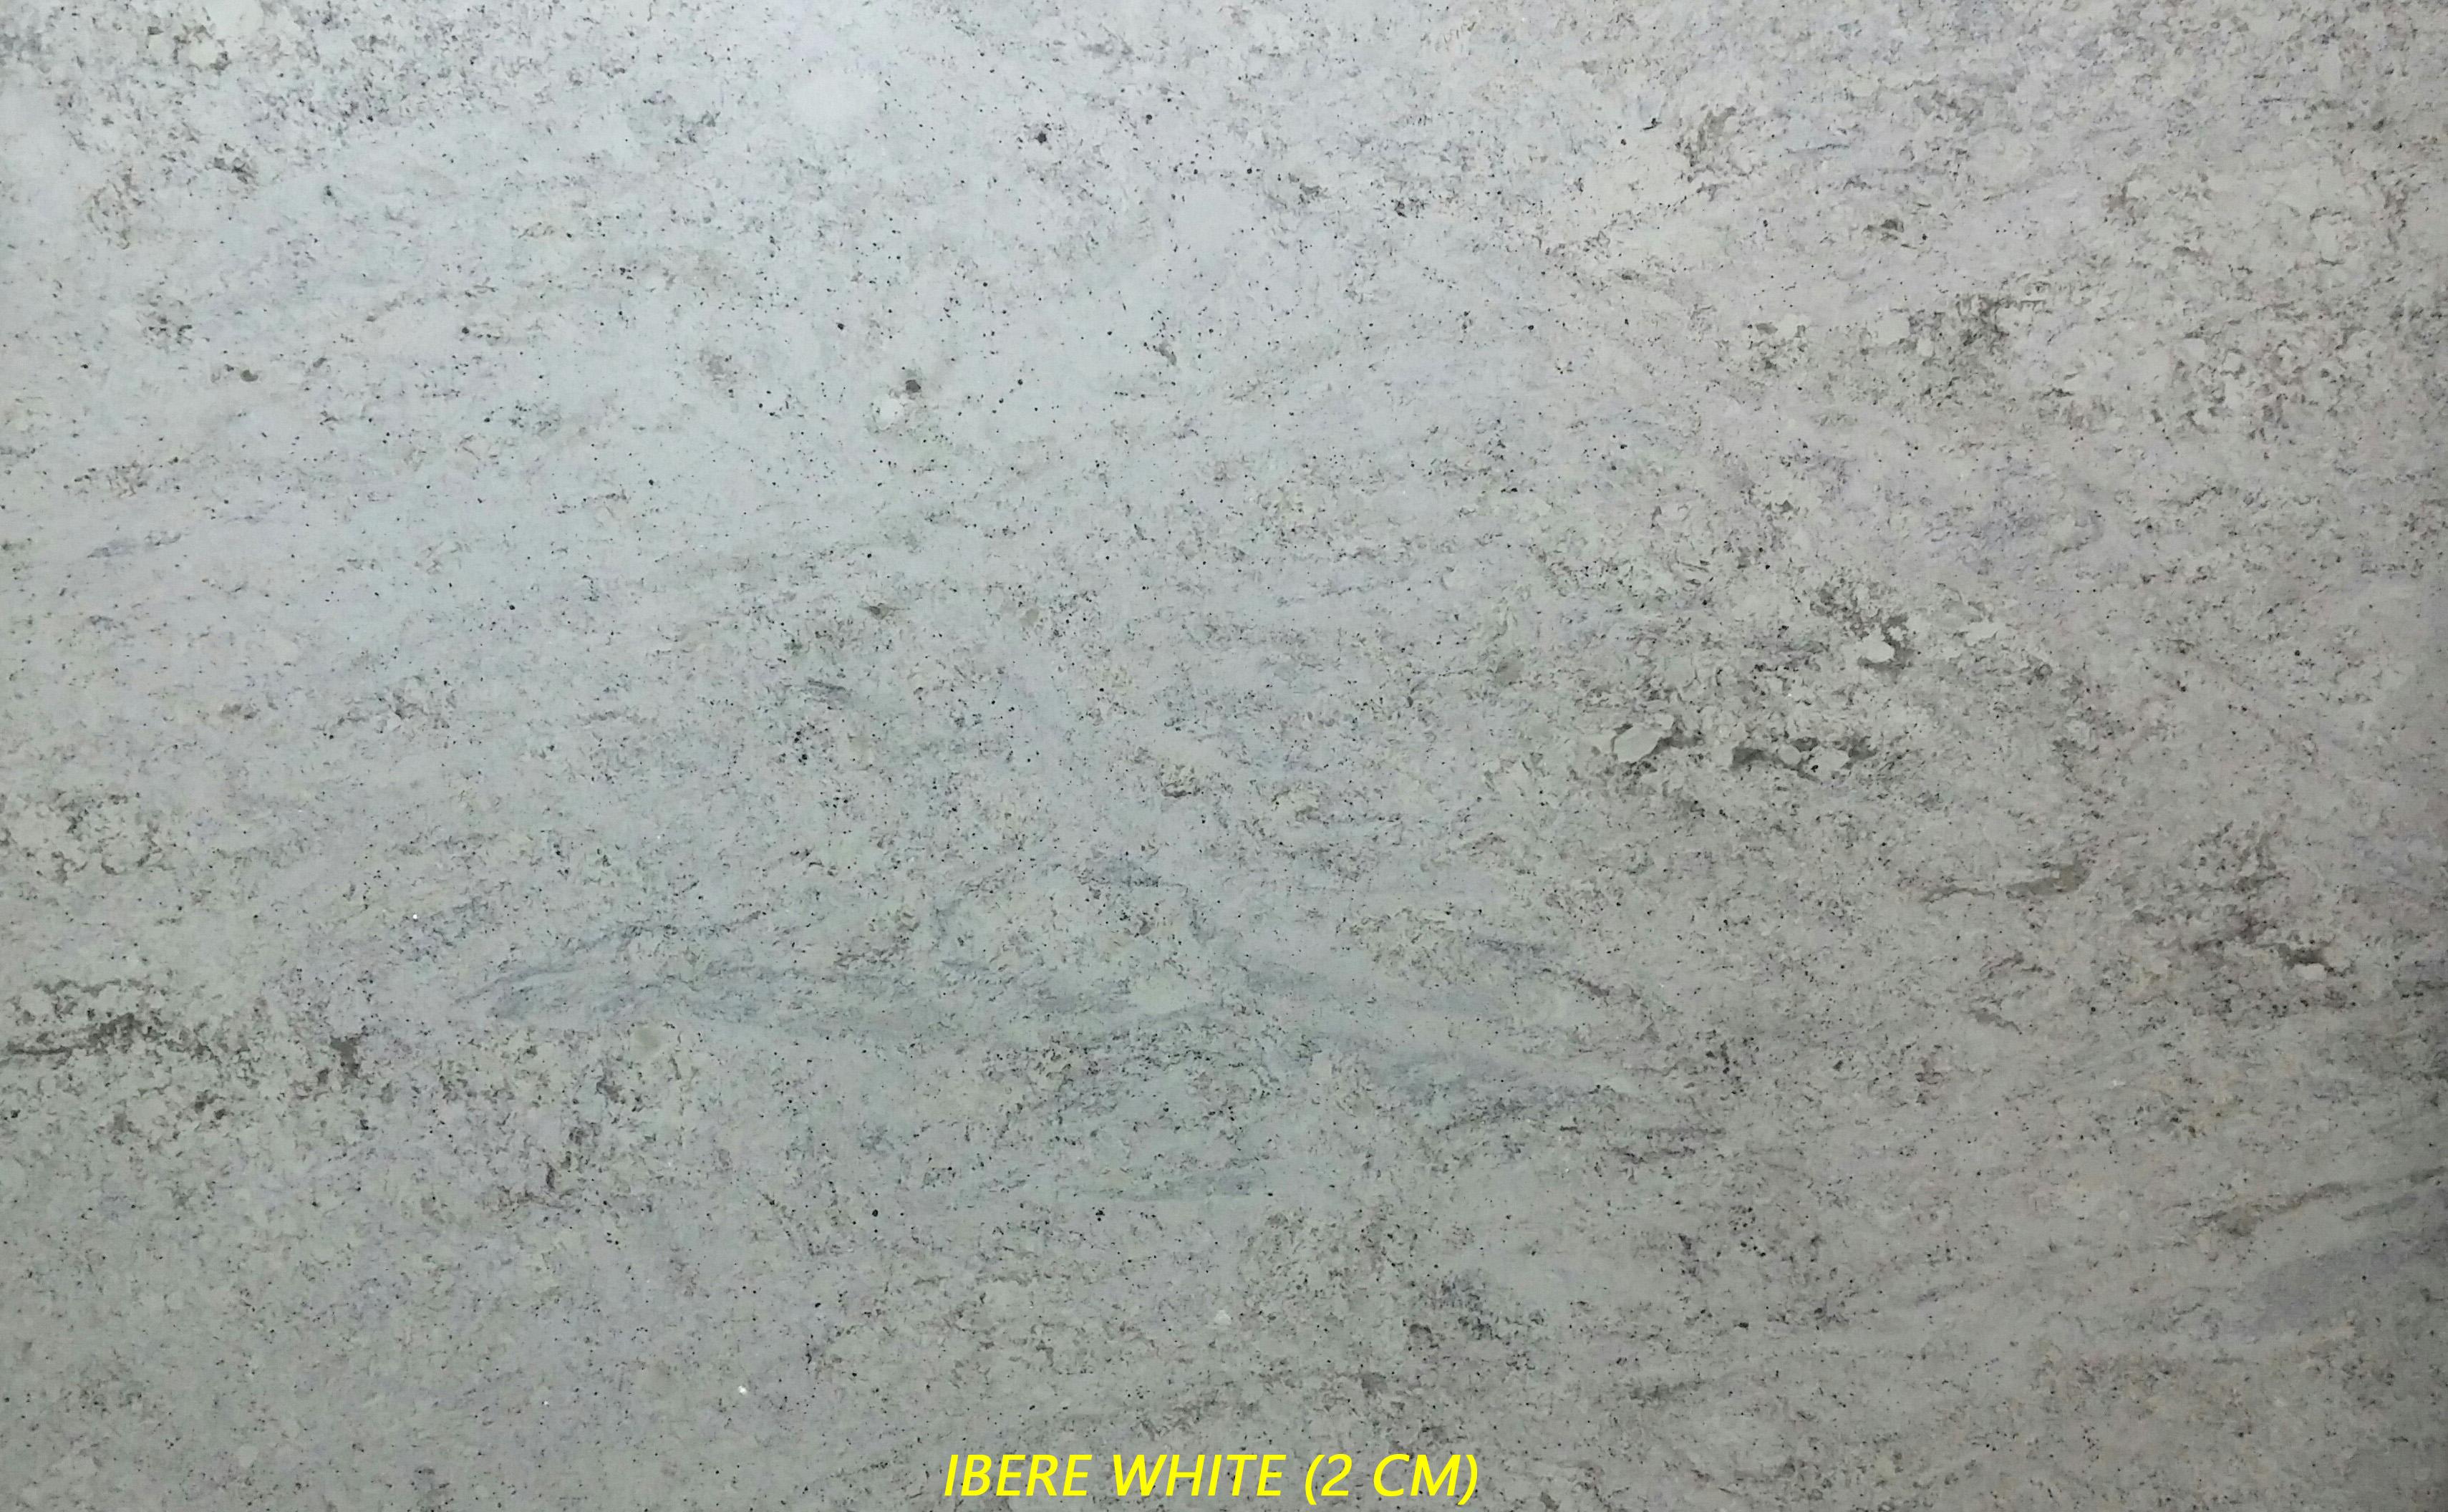 IBERE WHITE (2 CM).jpg